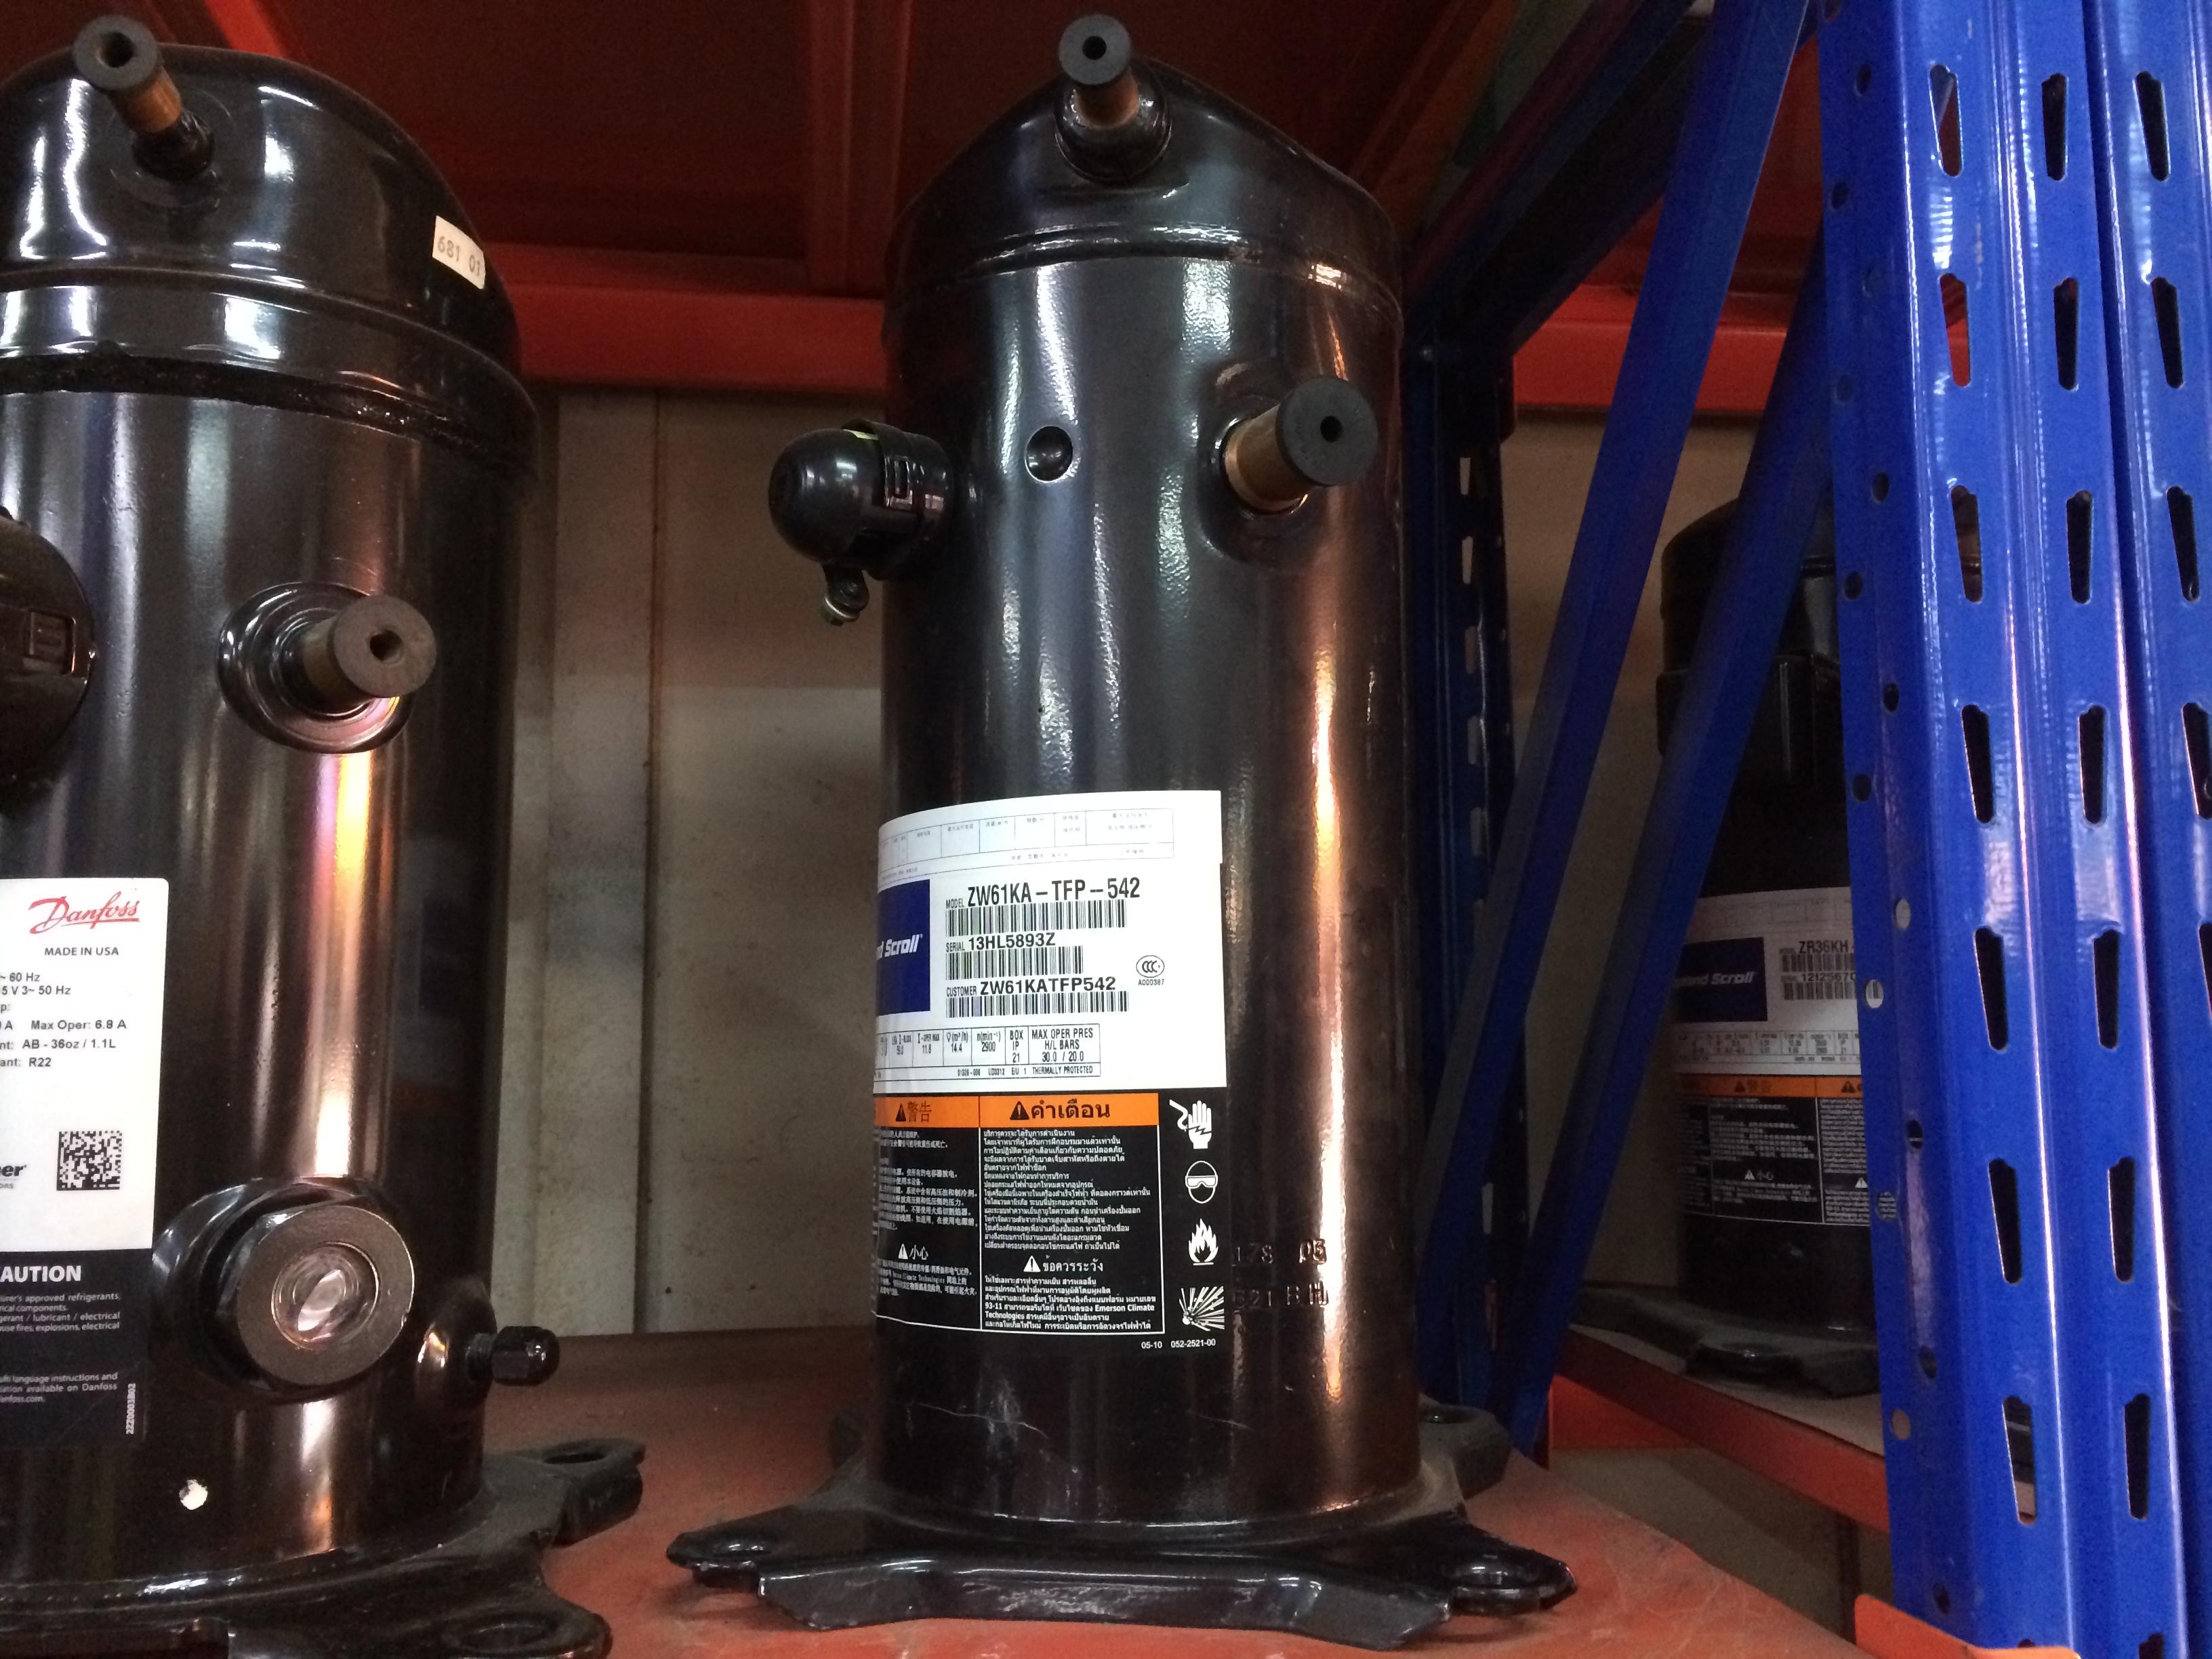 La Valle ZW61KA-TFP-522VR61KF Nuova pompa di calore Aria ancora Cavallo Volante Speciale compressore